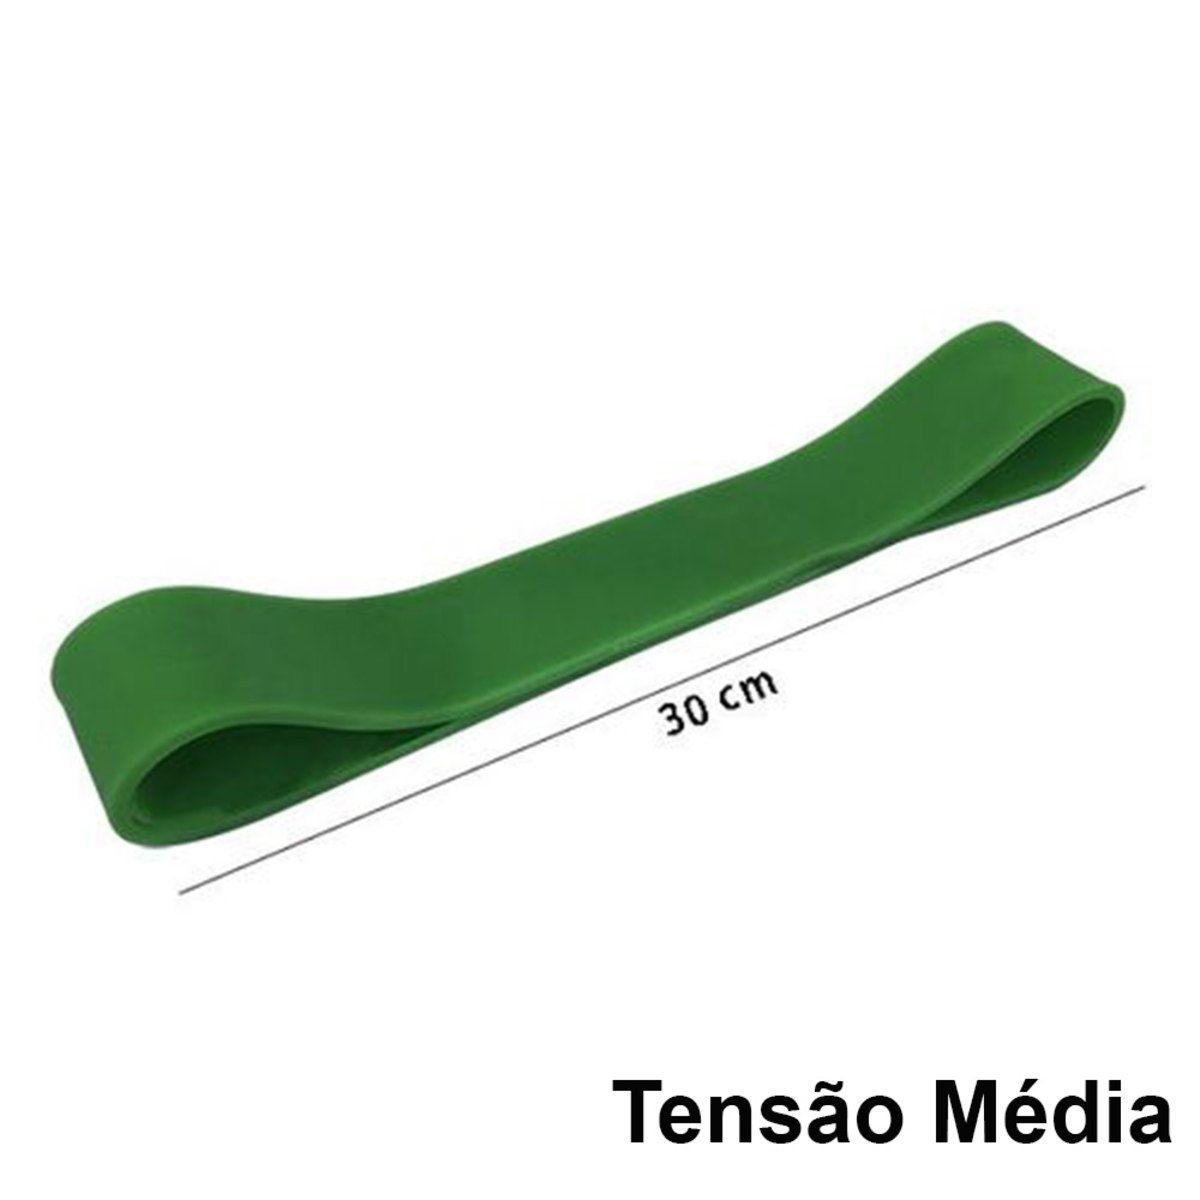 RUBBER BAND TENSÃO MÉDIA| PROTTECTOR